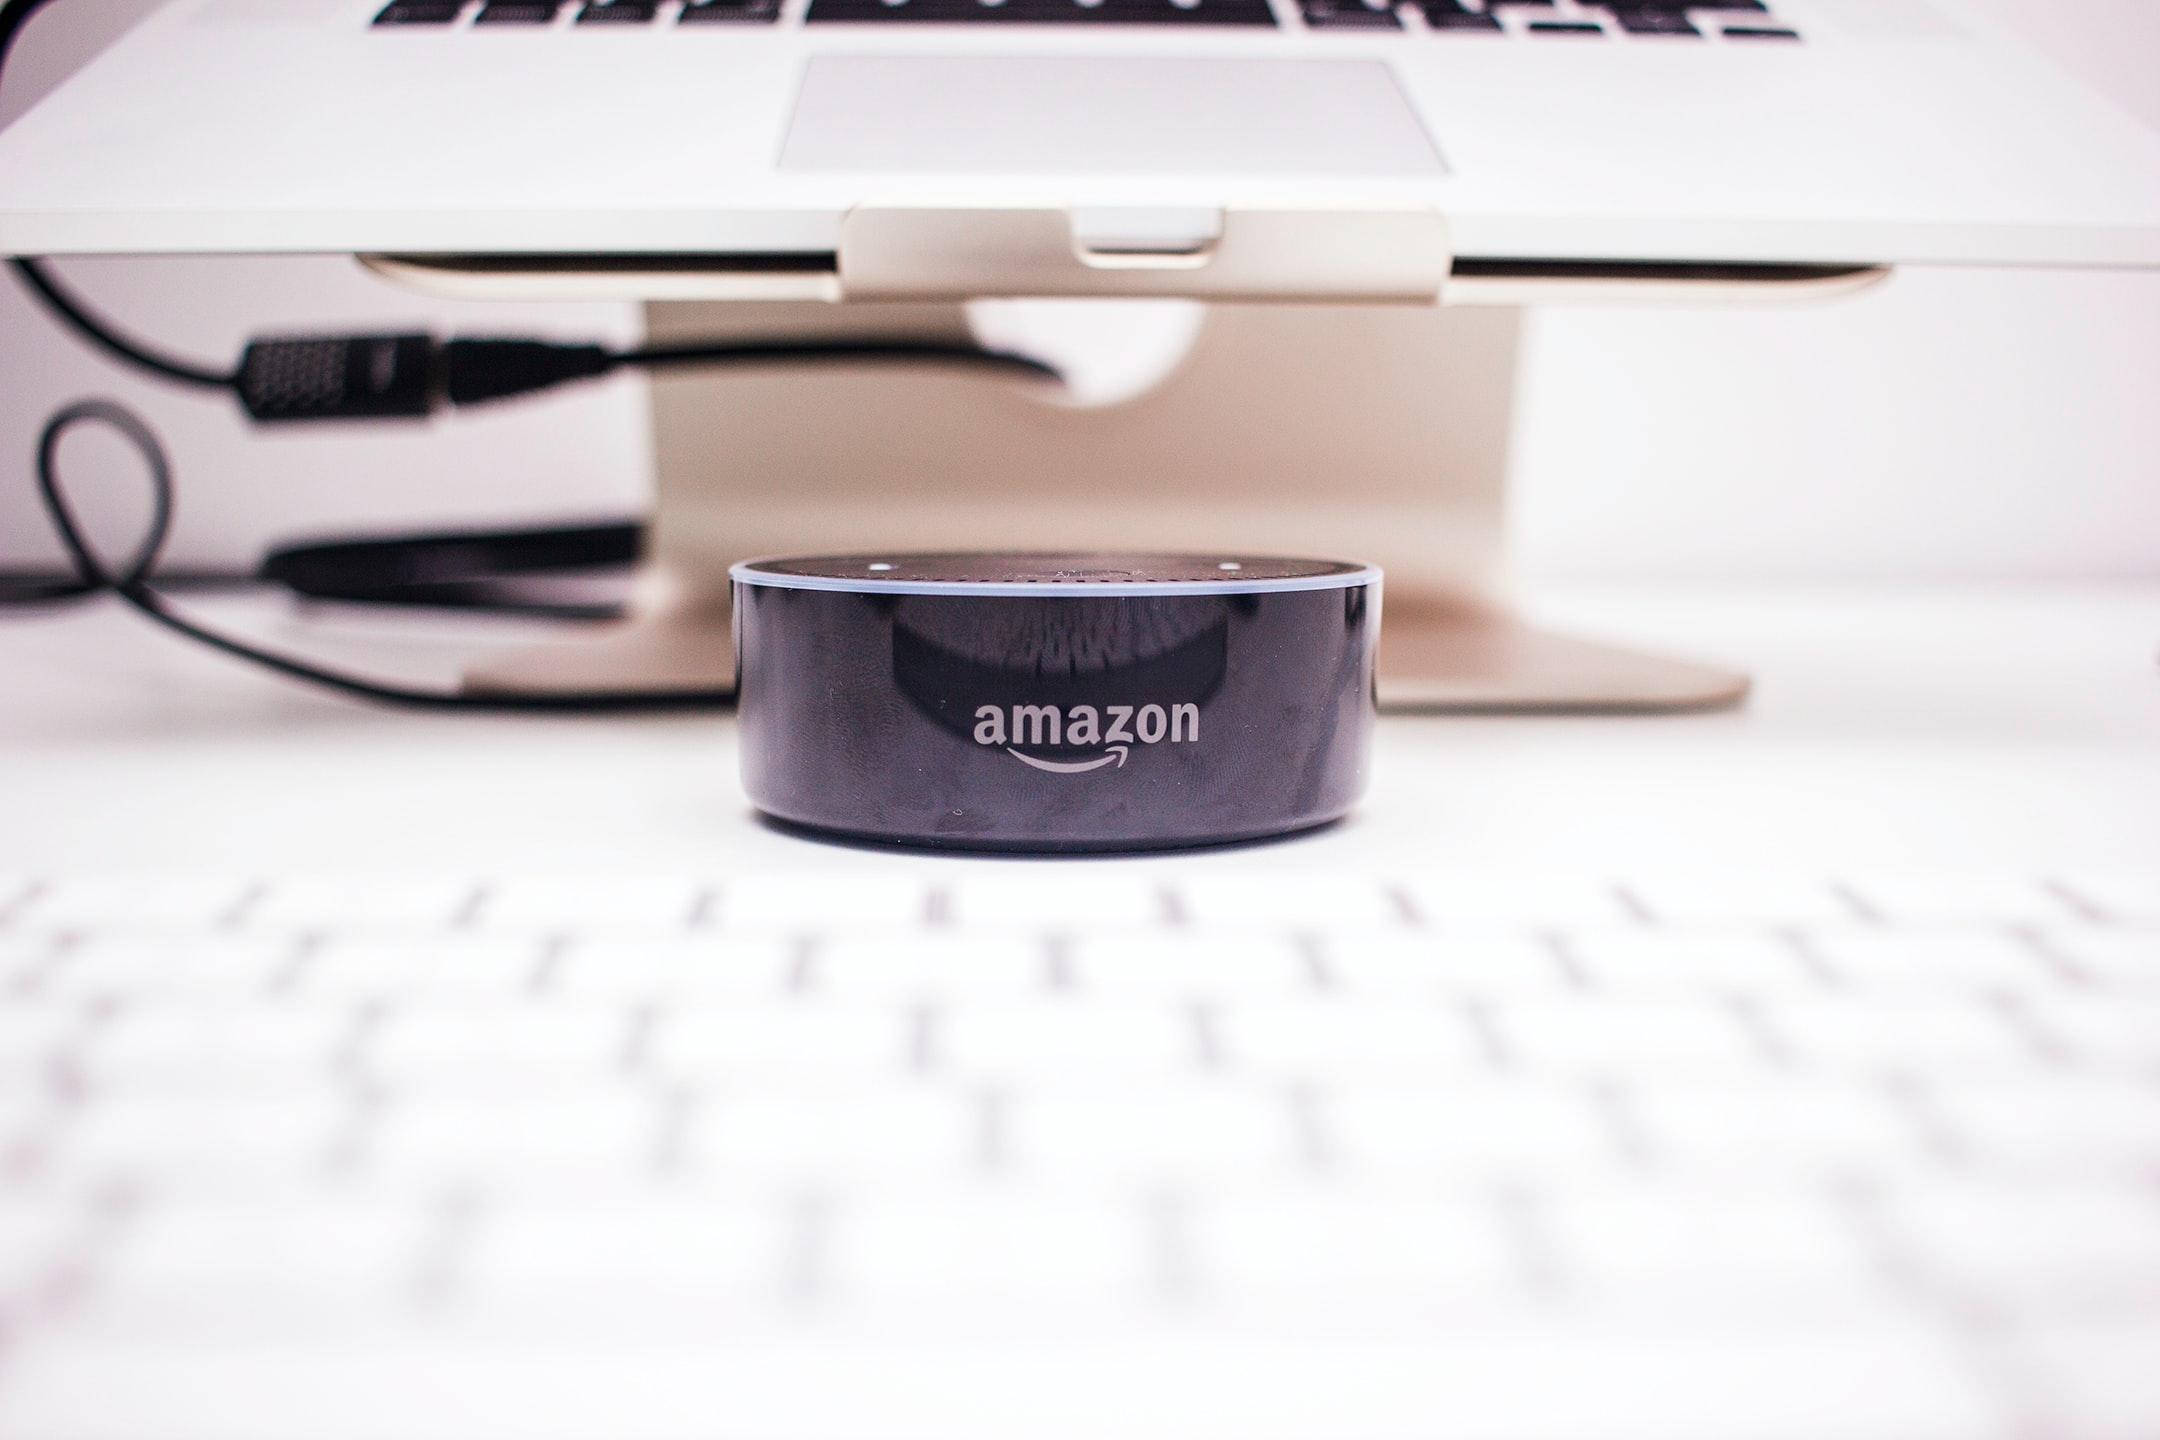 Image shows Amazon Logo